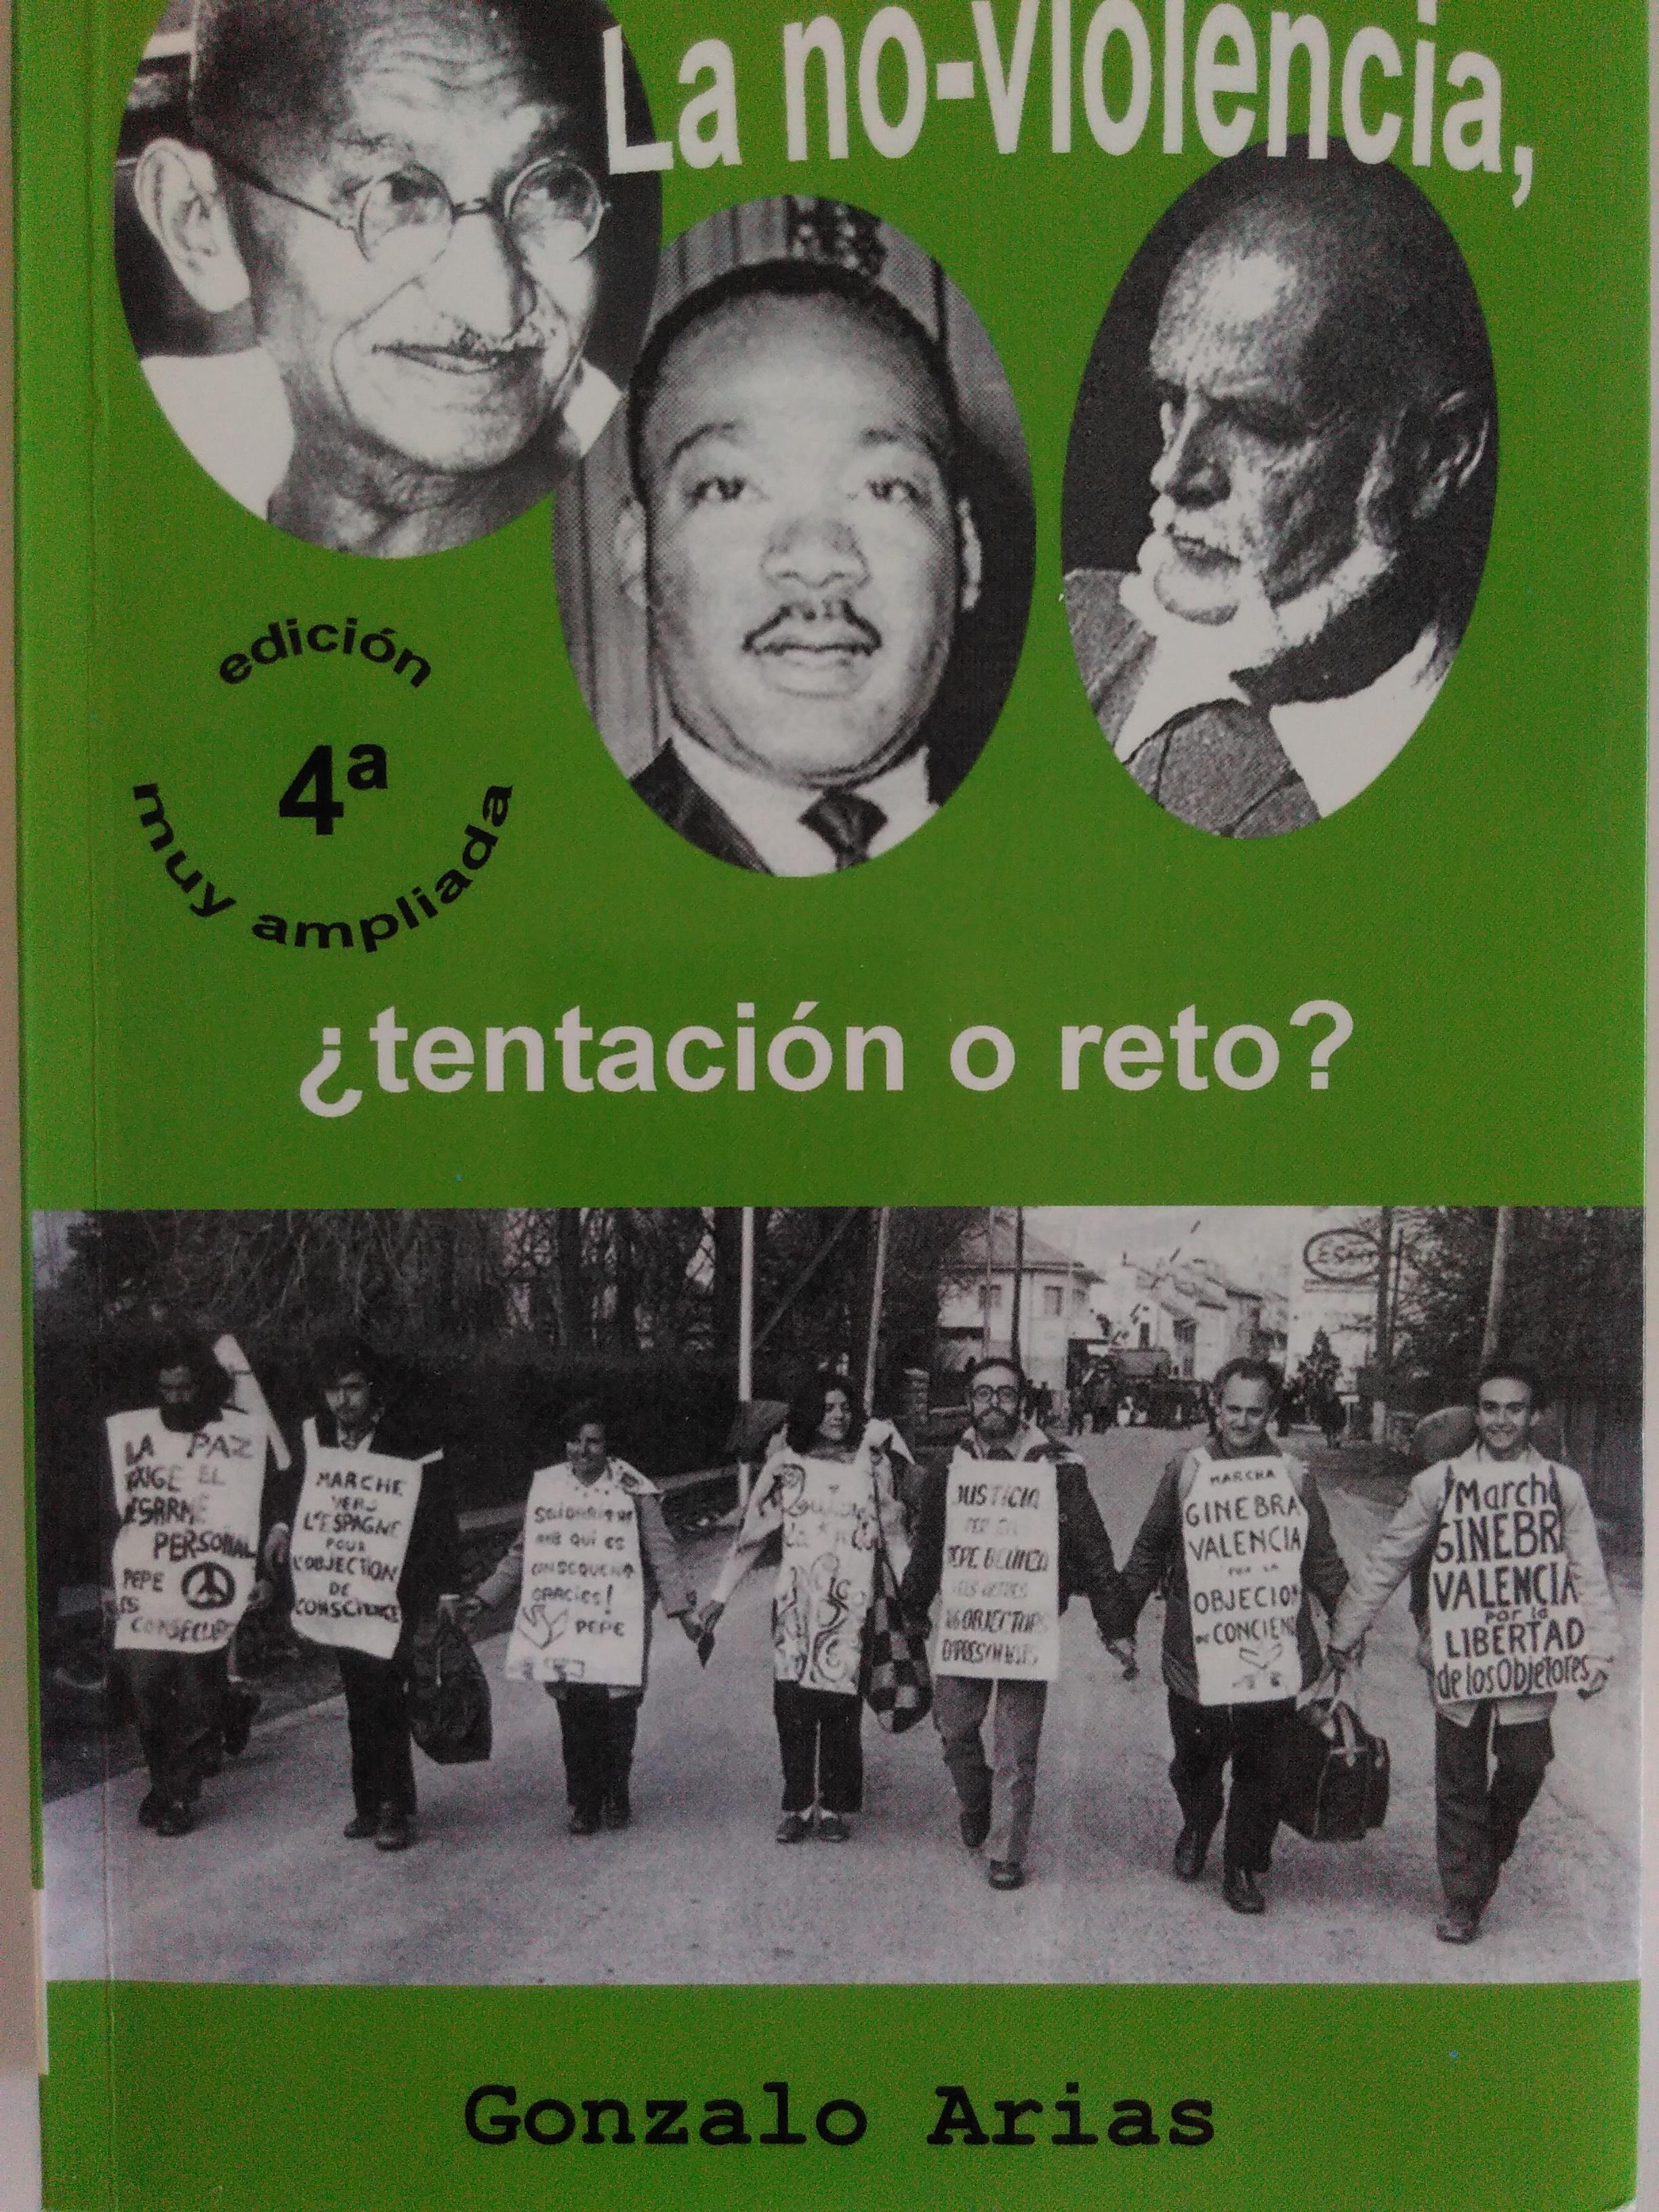 La no-violencia, ¿tentación o reto?. Gonzalo Arias. 1973